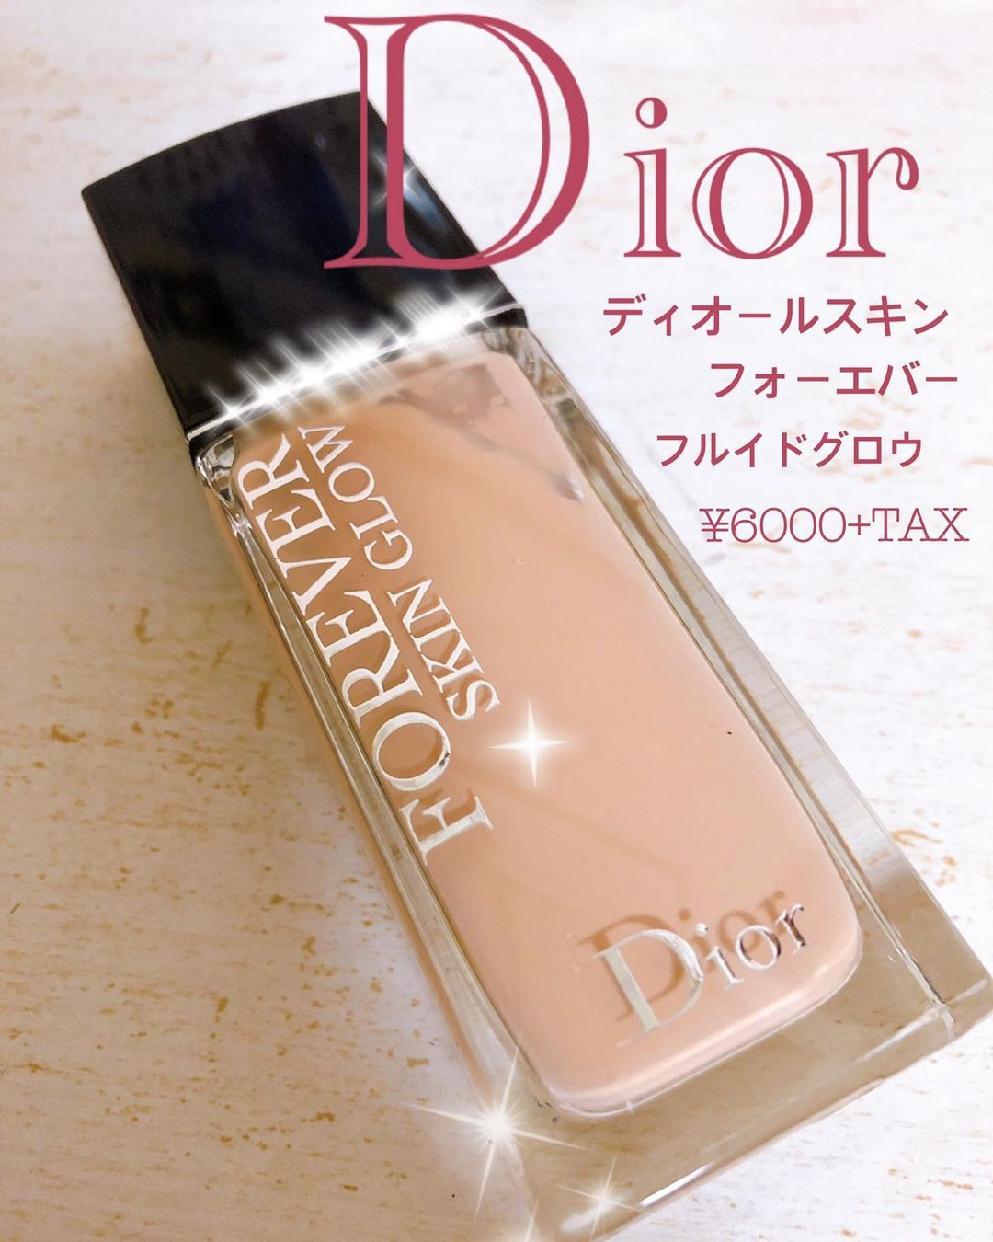 Dior(ディオール) スキン フォーエヴァー フルイド グロウを使ったBeautyさんのクチコミ画像